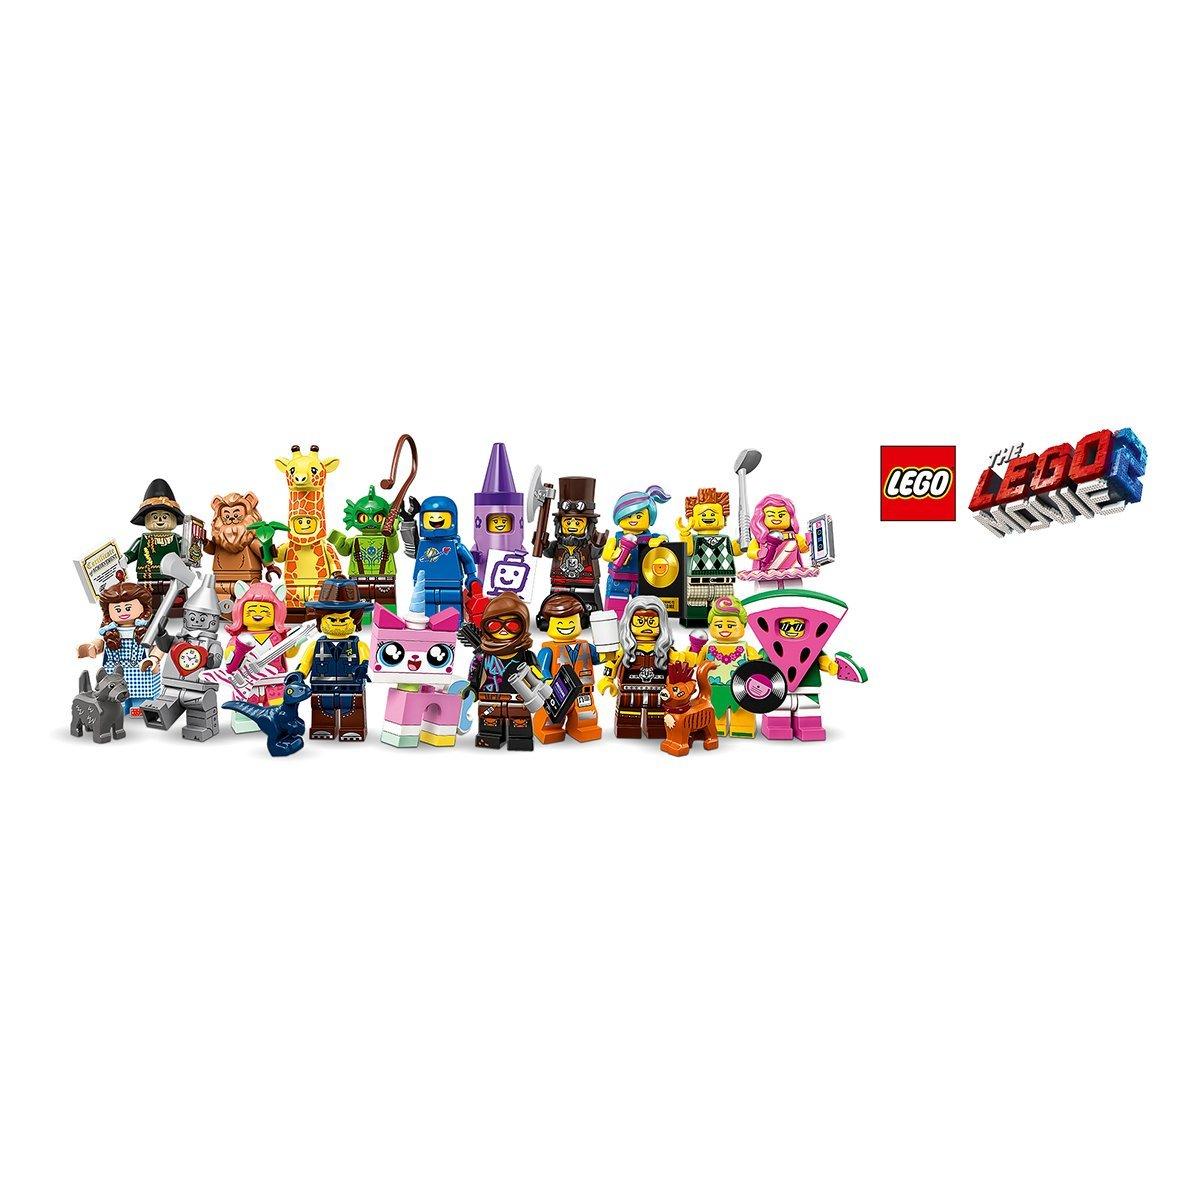 Купить LEGO® MOVIE 2™ Минифигурки Лего Фильм 2 (в ассорт) 71023 71023 ТМ: LEGO